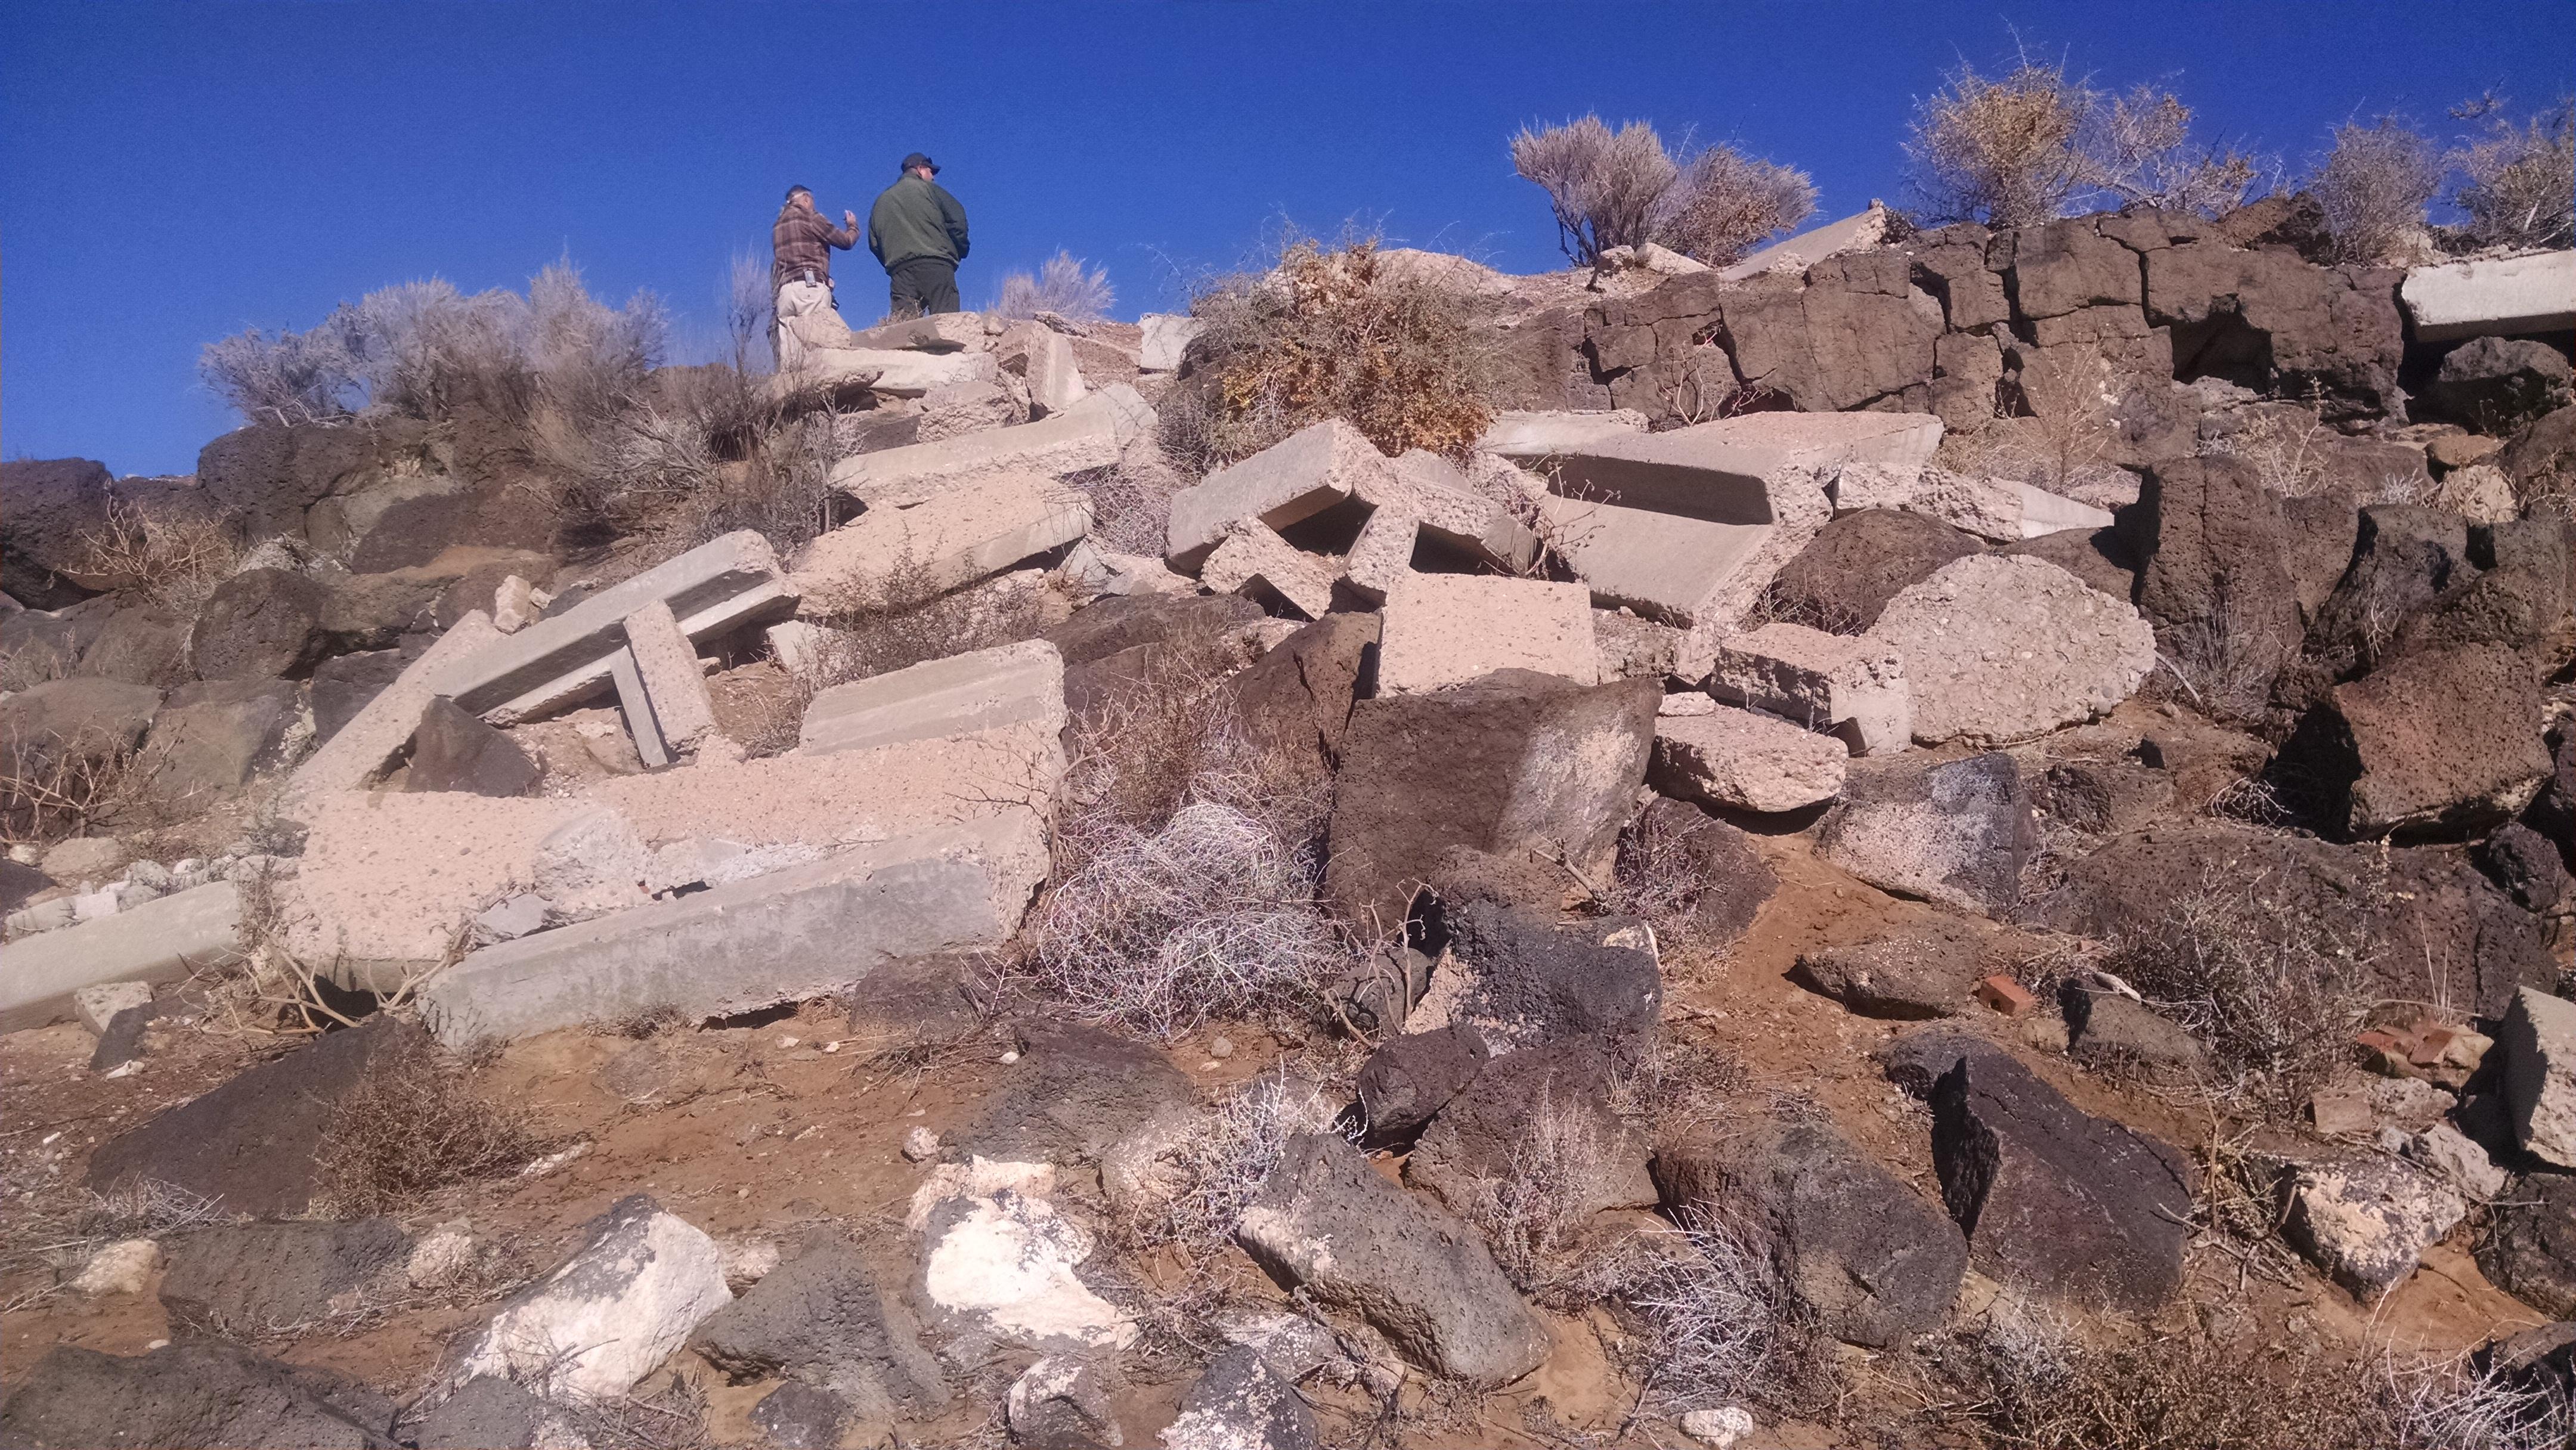 caption:Petroglyph Clean Up